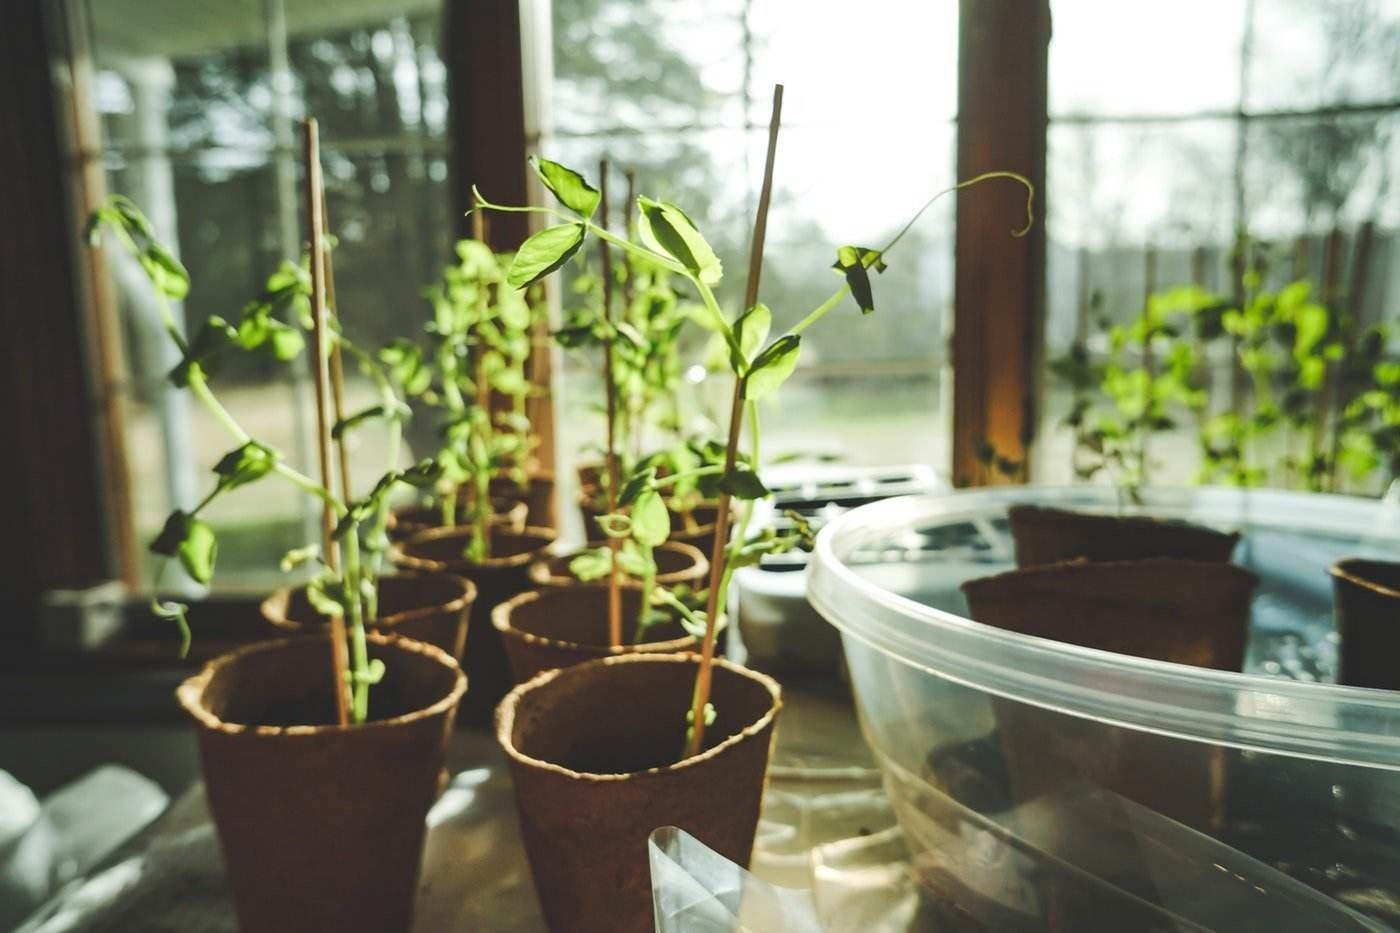 seedlings in pots by window - greenhouse sanitation